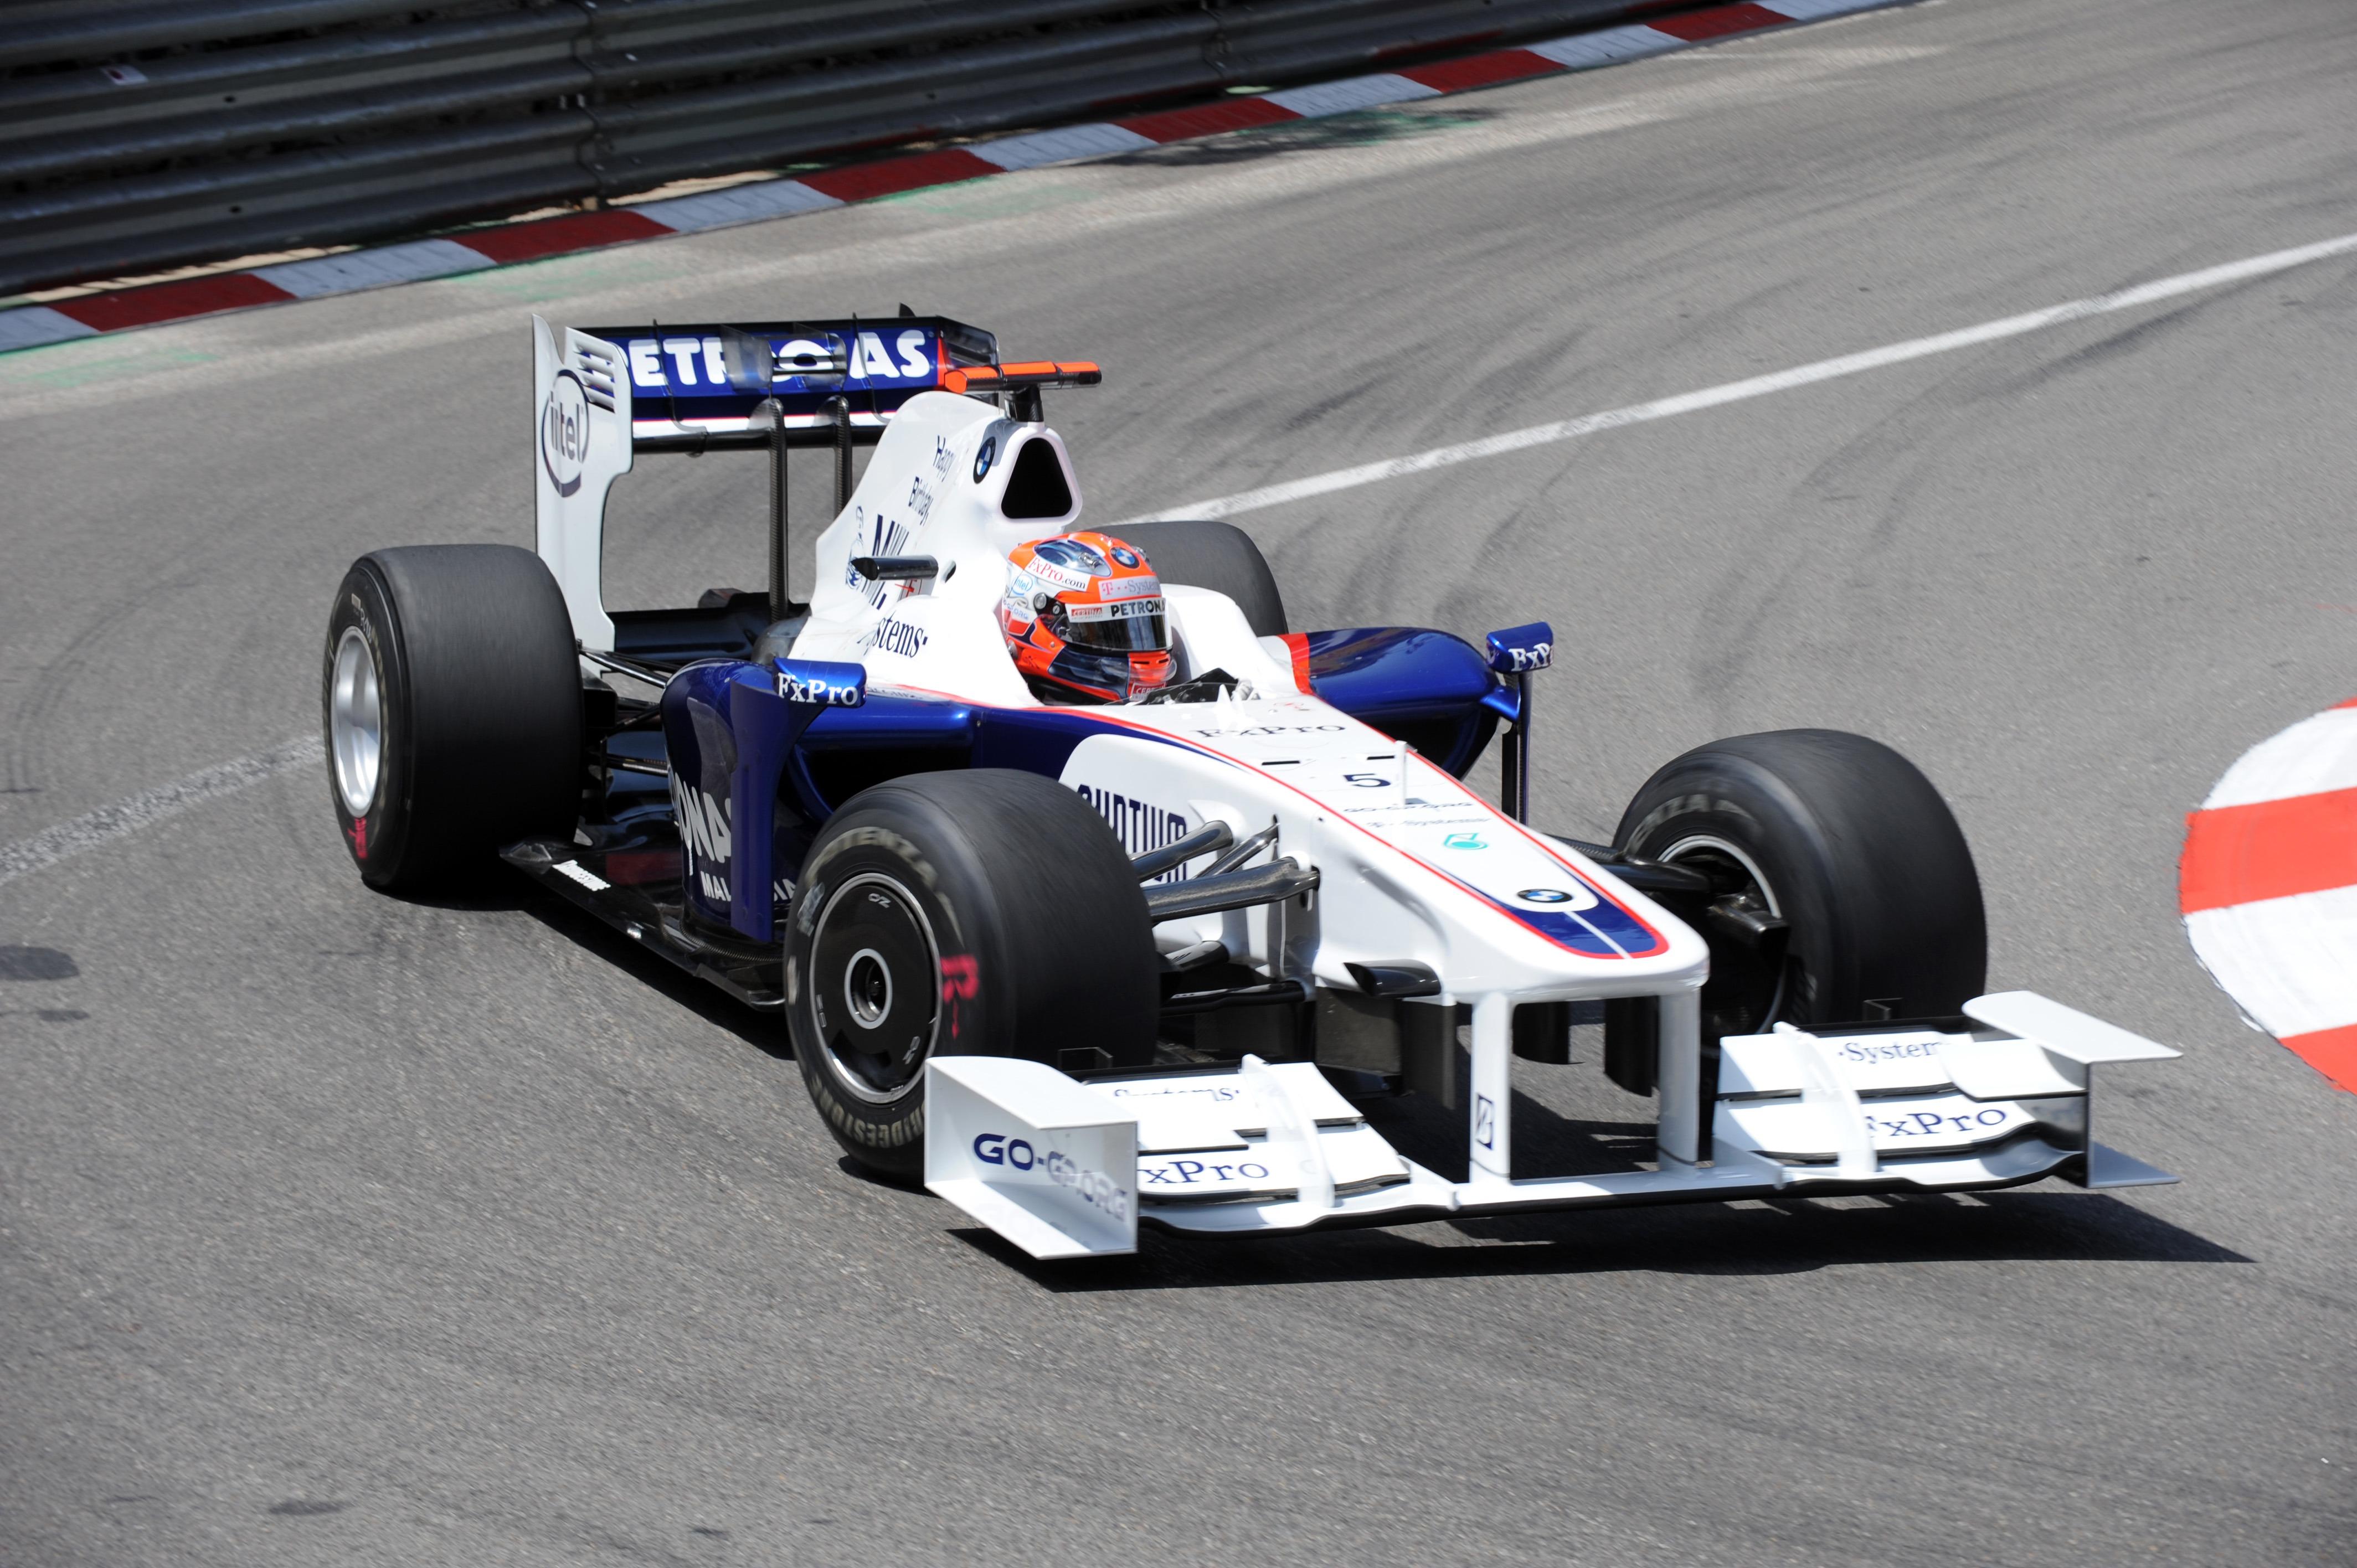 Bmw Sauber F1 Team Fahrer Wiki Autos Statistiken Fakten Profil